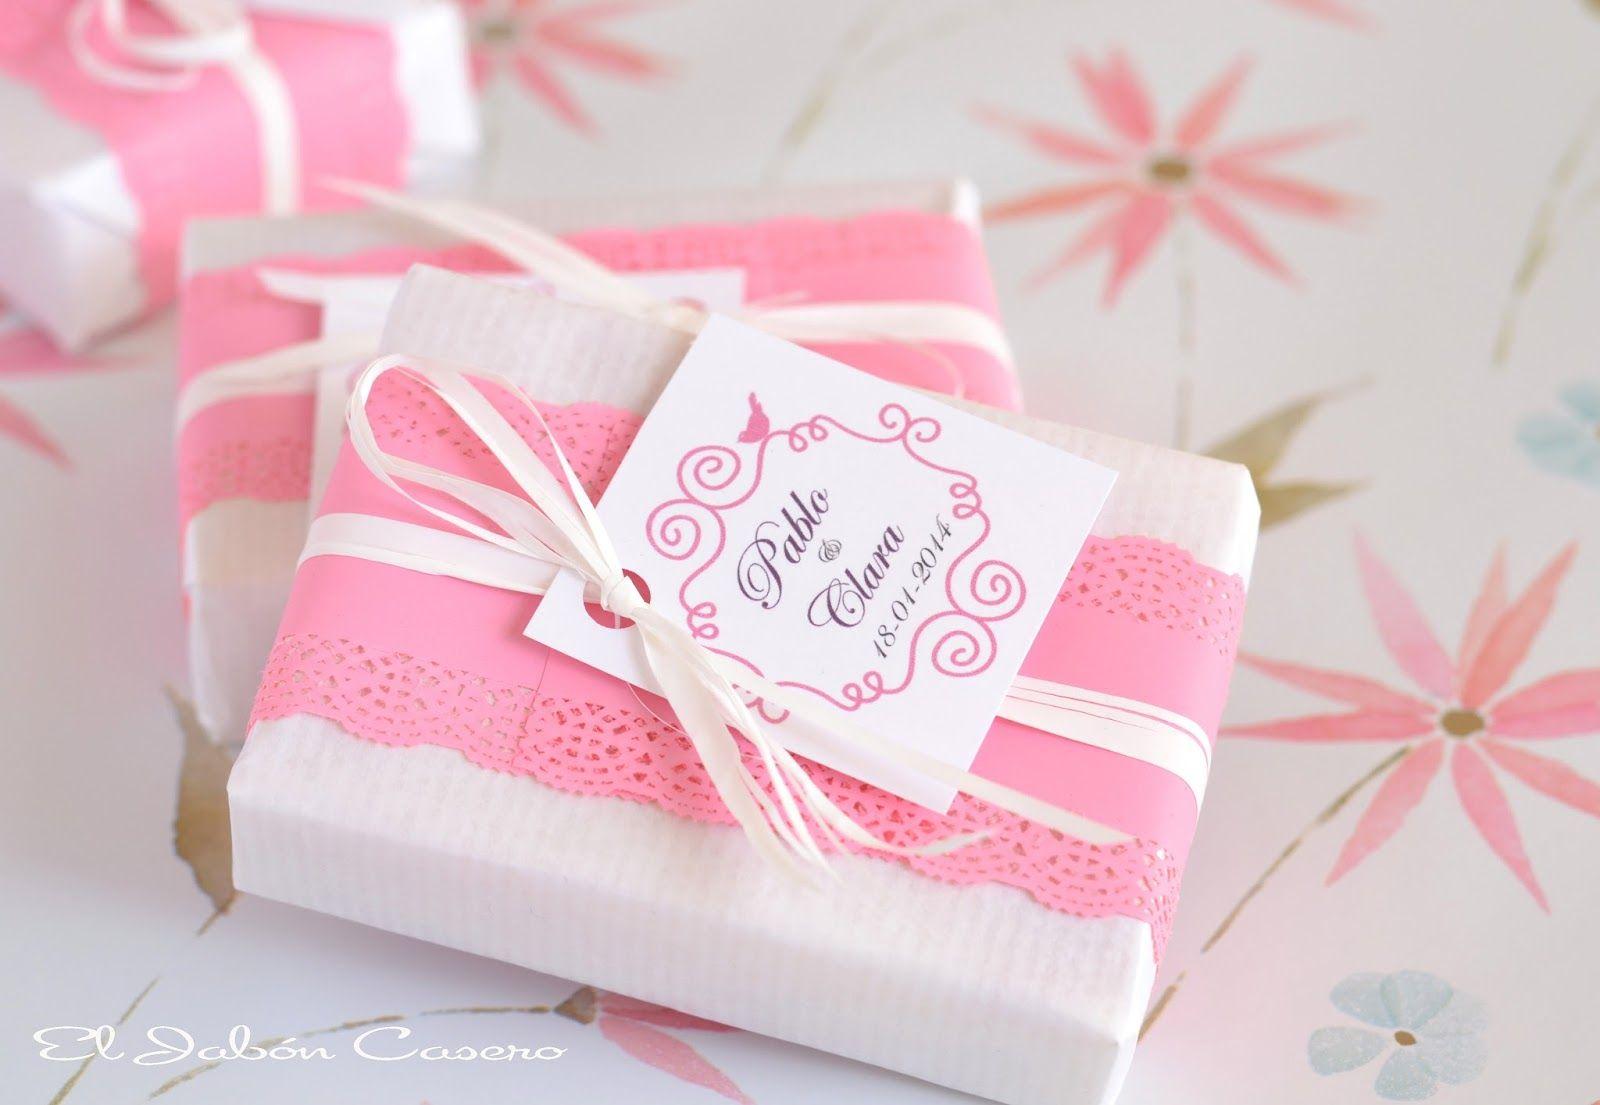 Detalles de boda, jabones en blanco y rosa